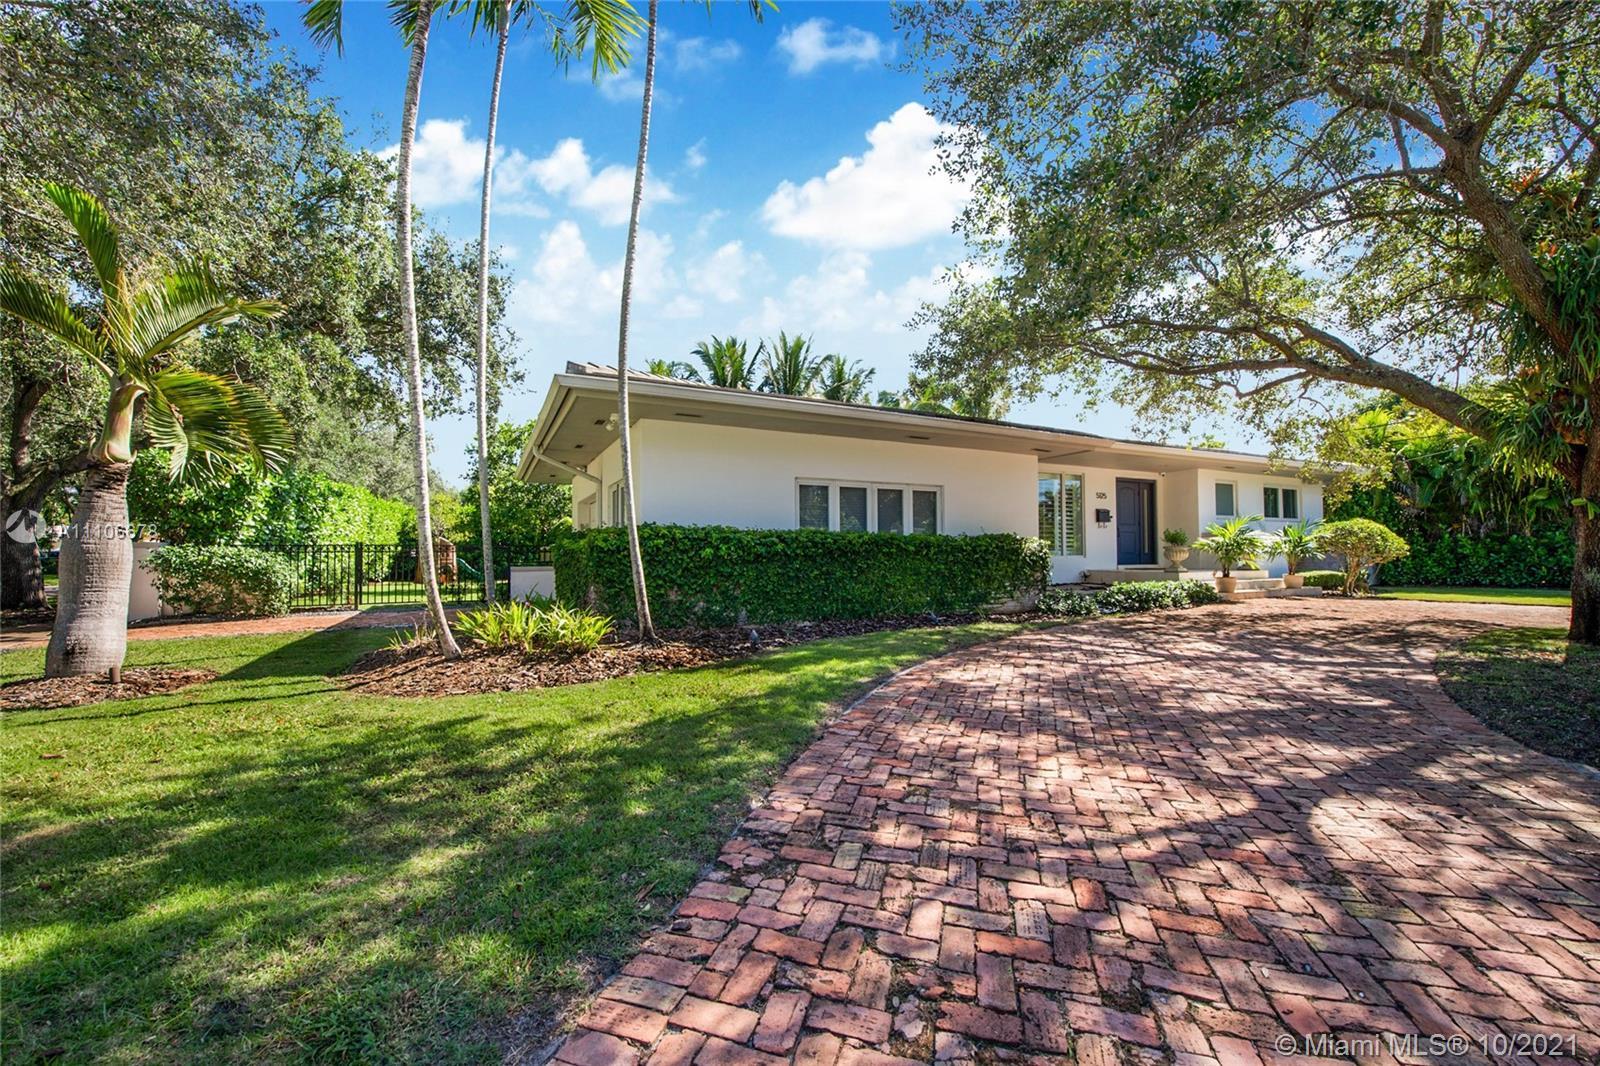 Riviera - 5125 Donatello St, Coral Gables, FL 33146